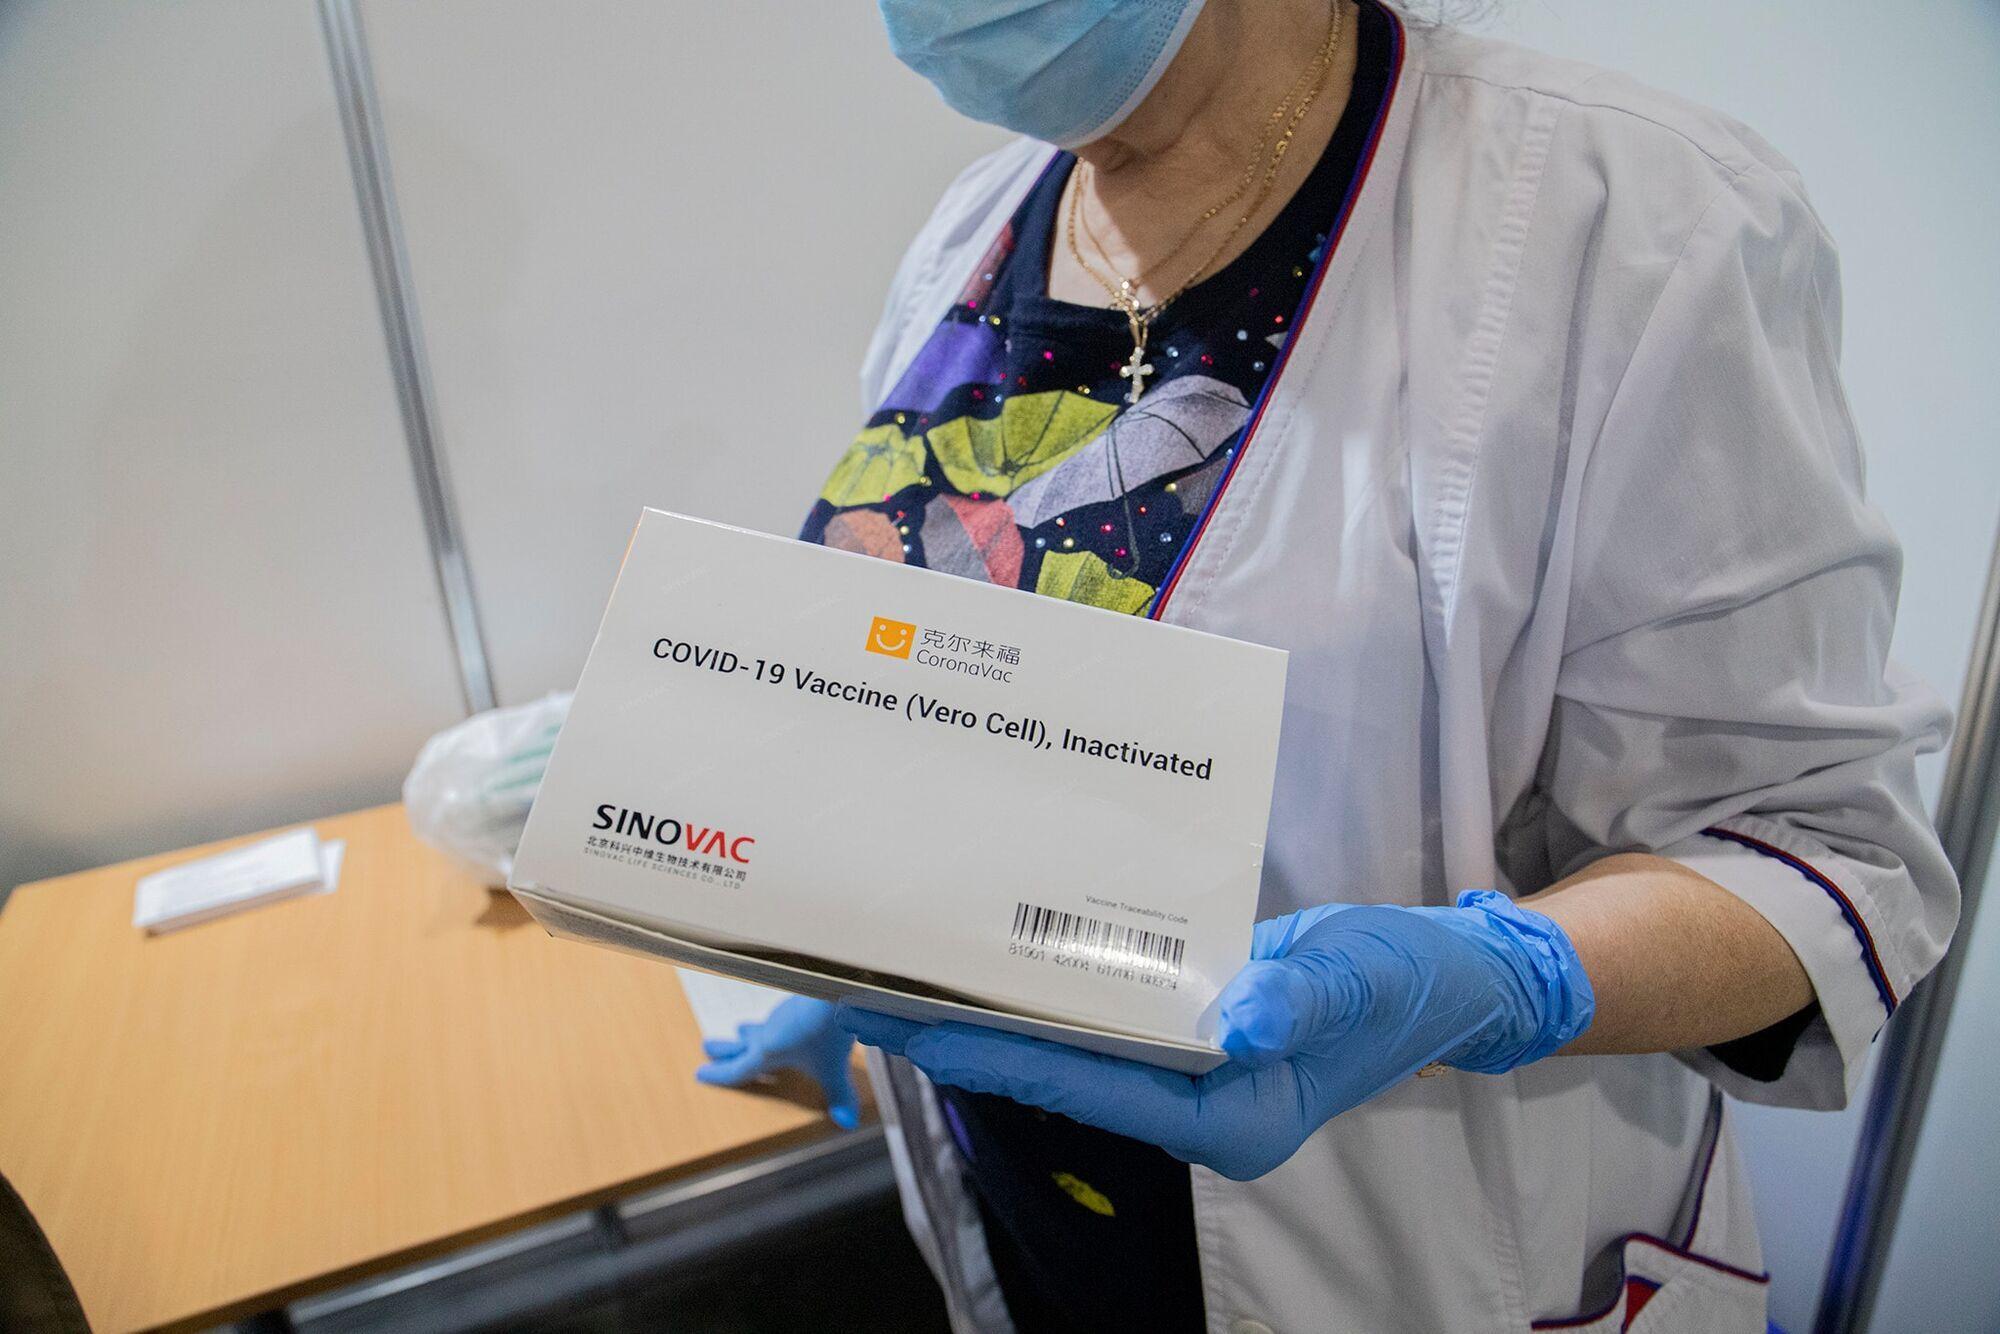 В Киеве за выходные от COVID-19 вакцинировали почти 3,5 тысячи человек